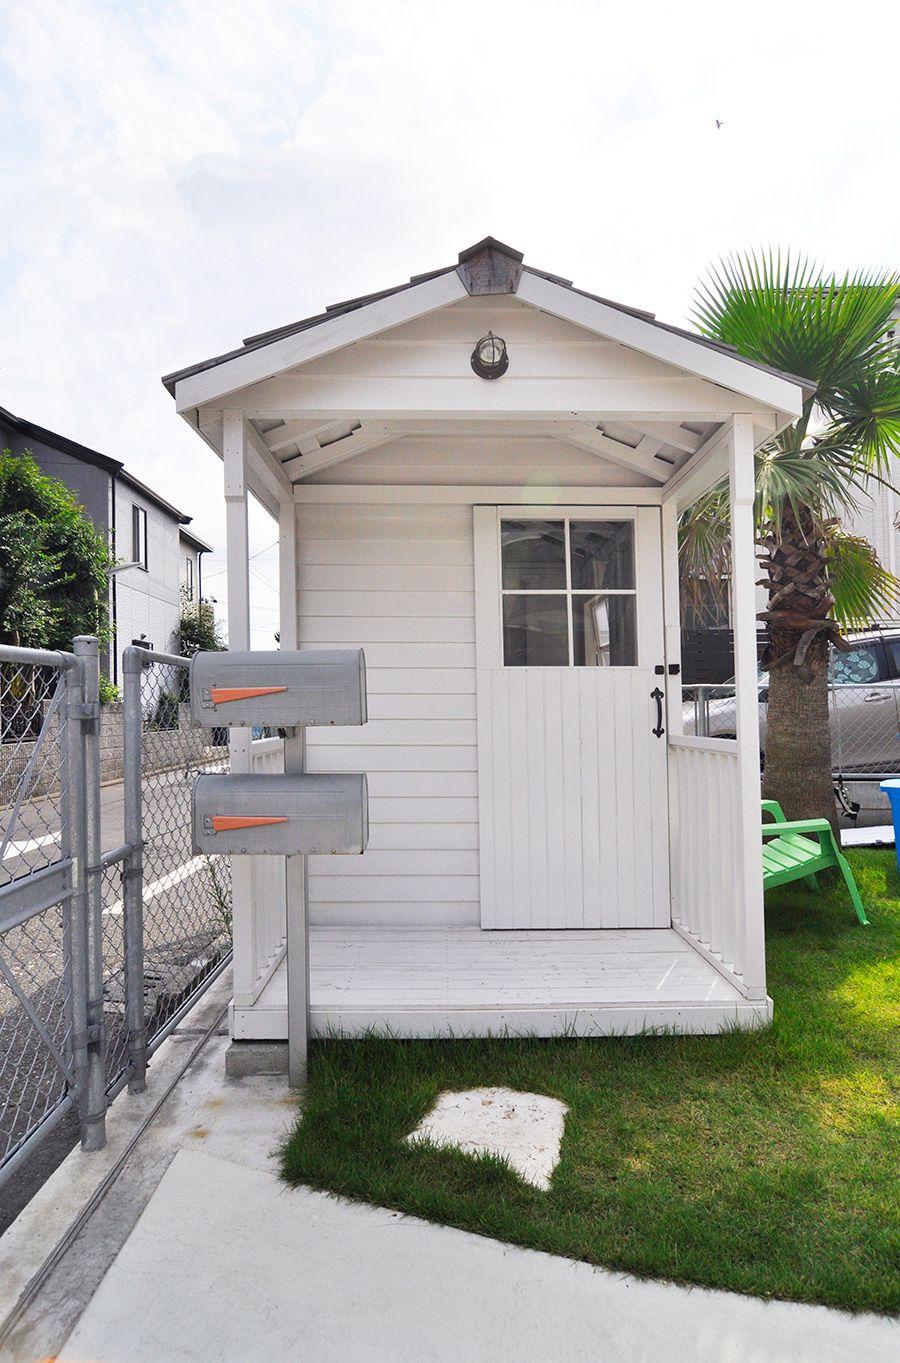 湘南のサーファーズハウス海を気持ちよく楽しめるカリフォルニアスタイルの家 小さなポーチ サーファーズハウス 家